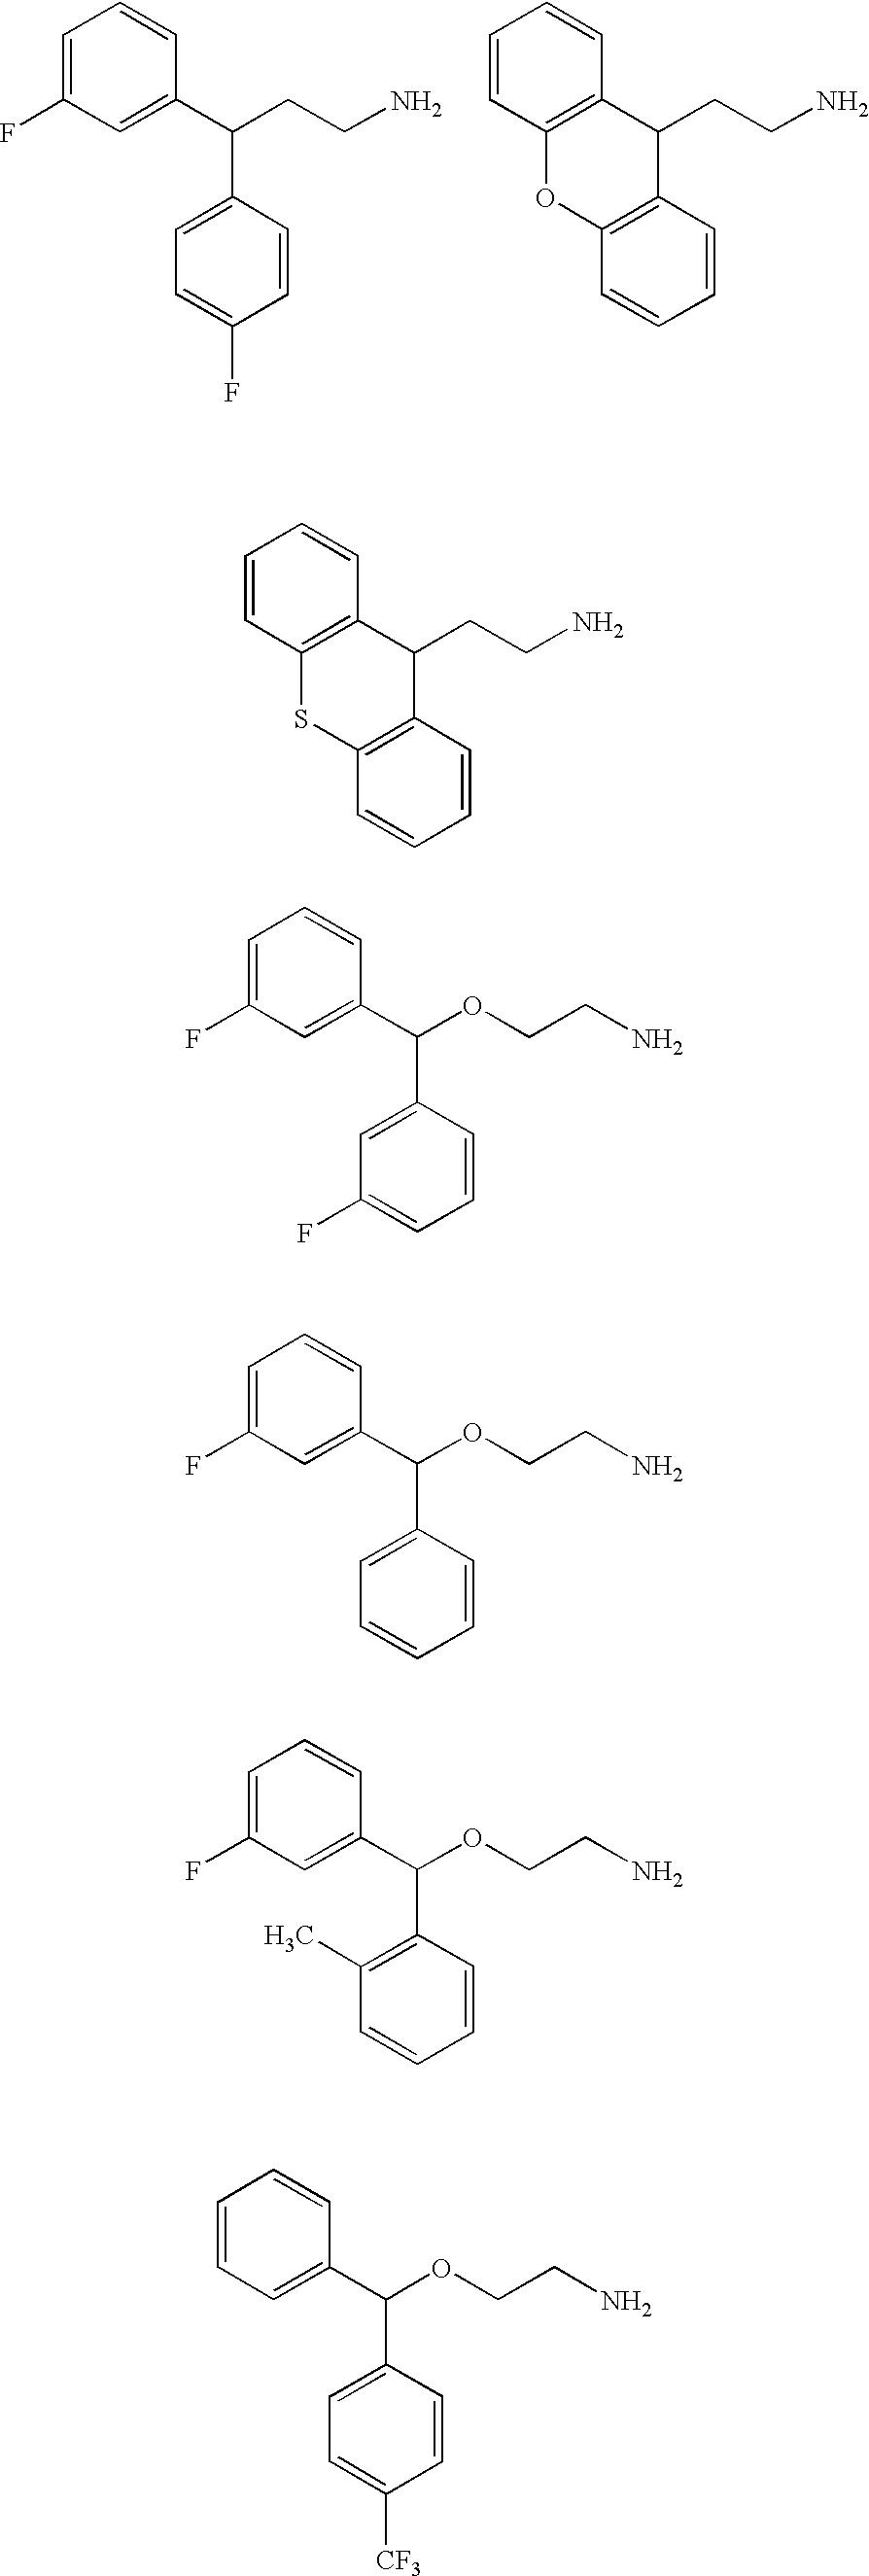 Figure US20050282859A1-20051222-C00010